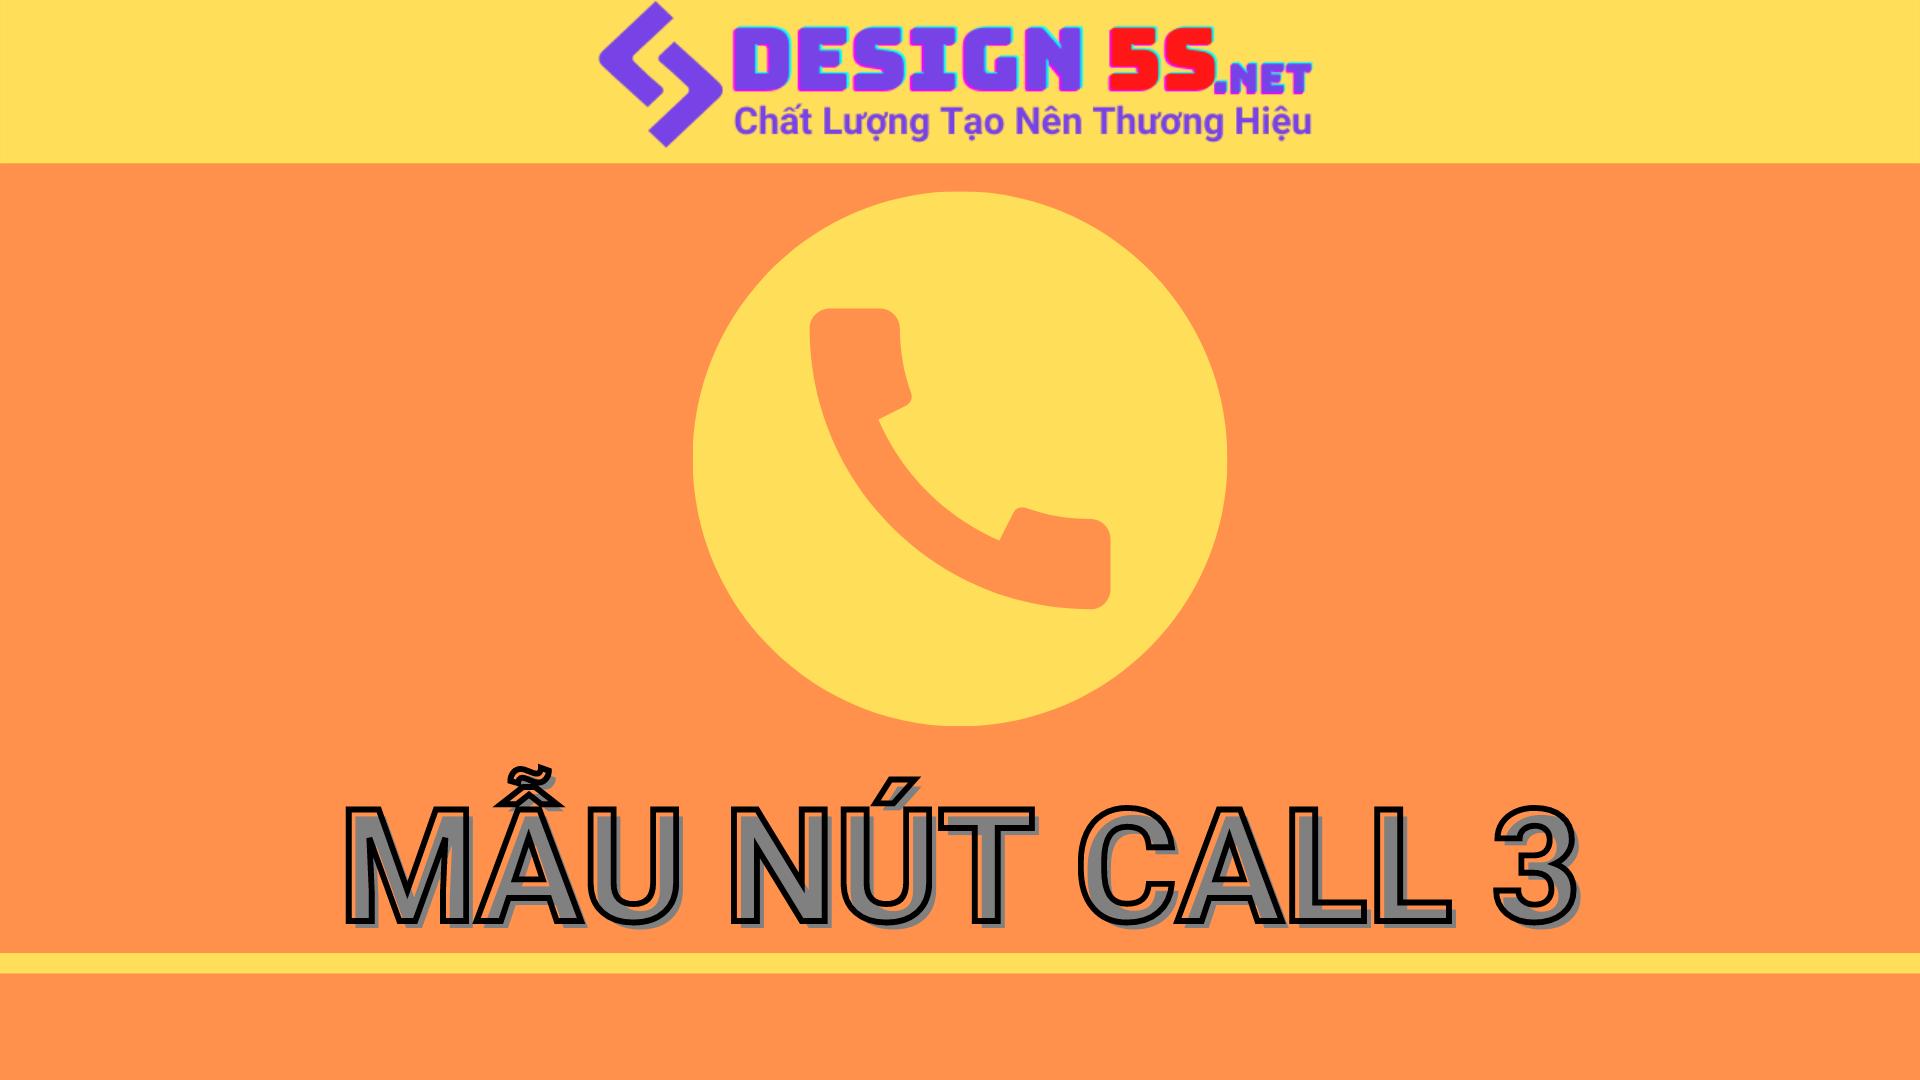 Tiện ích nút gọi điện cho website (mẫu 3) - Ảnh 2